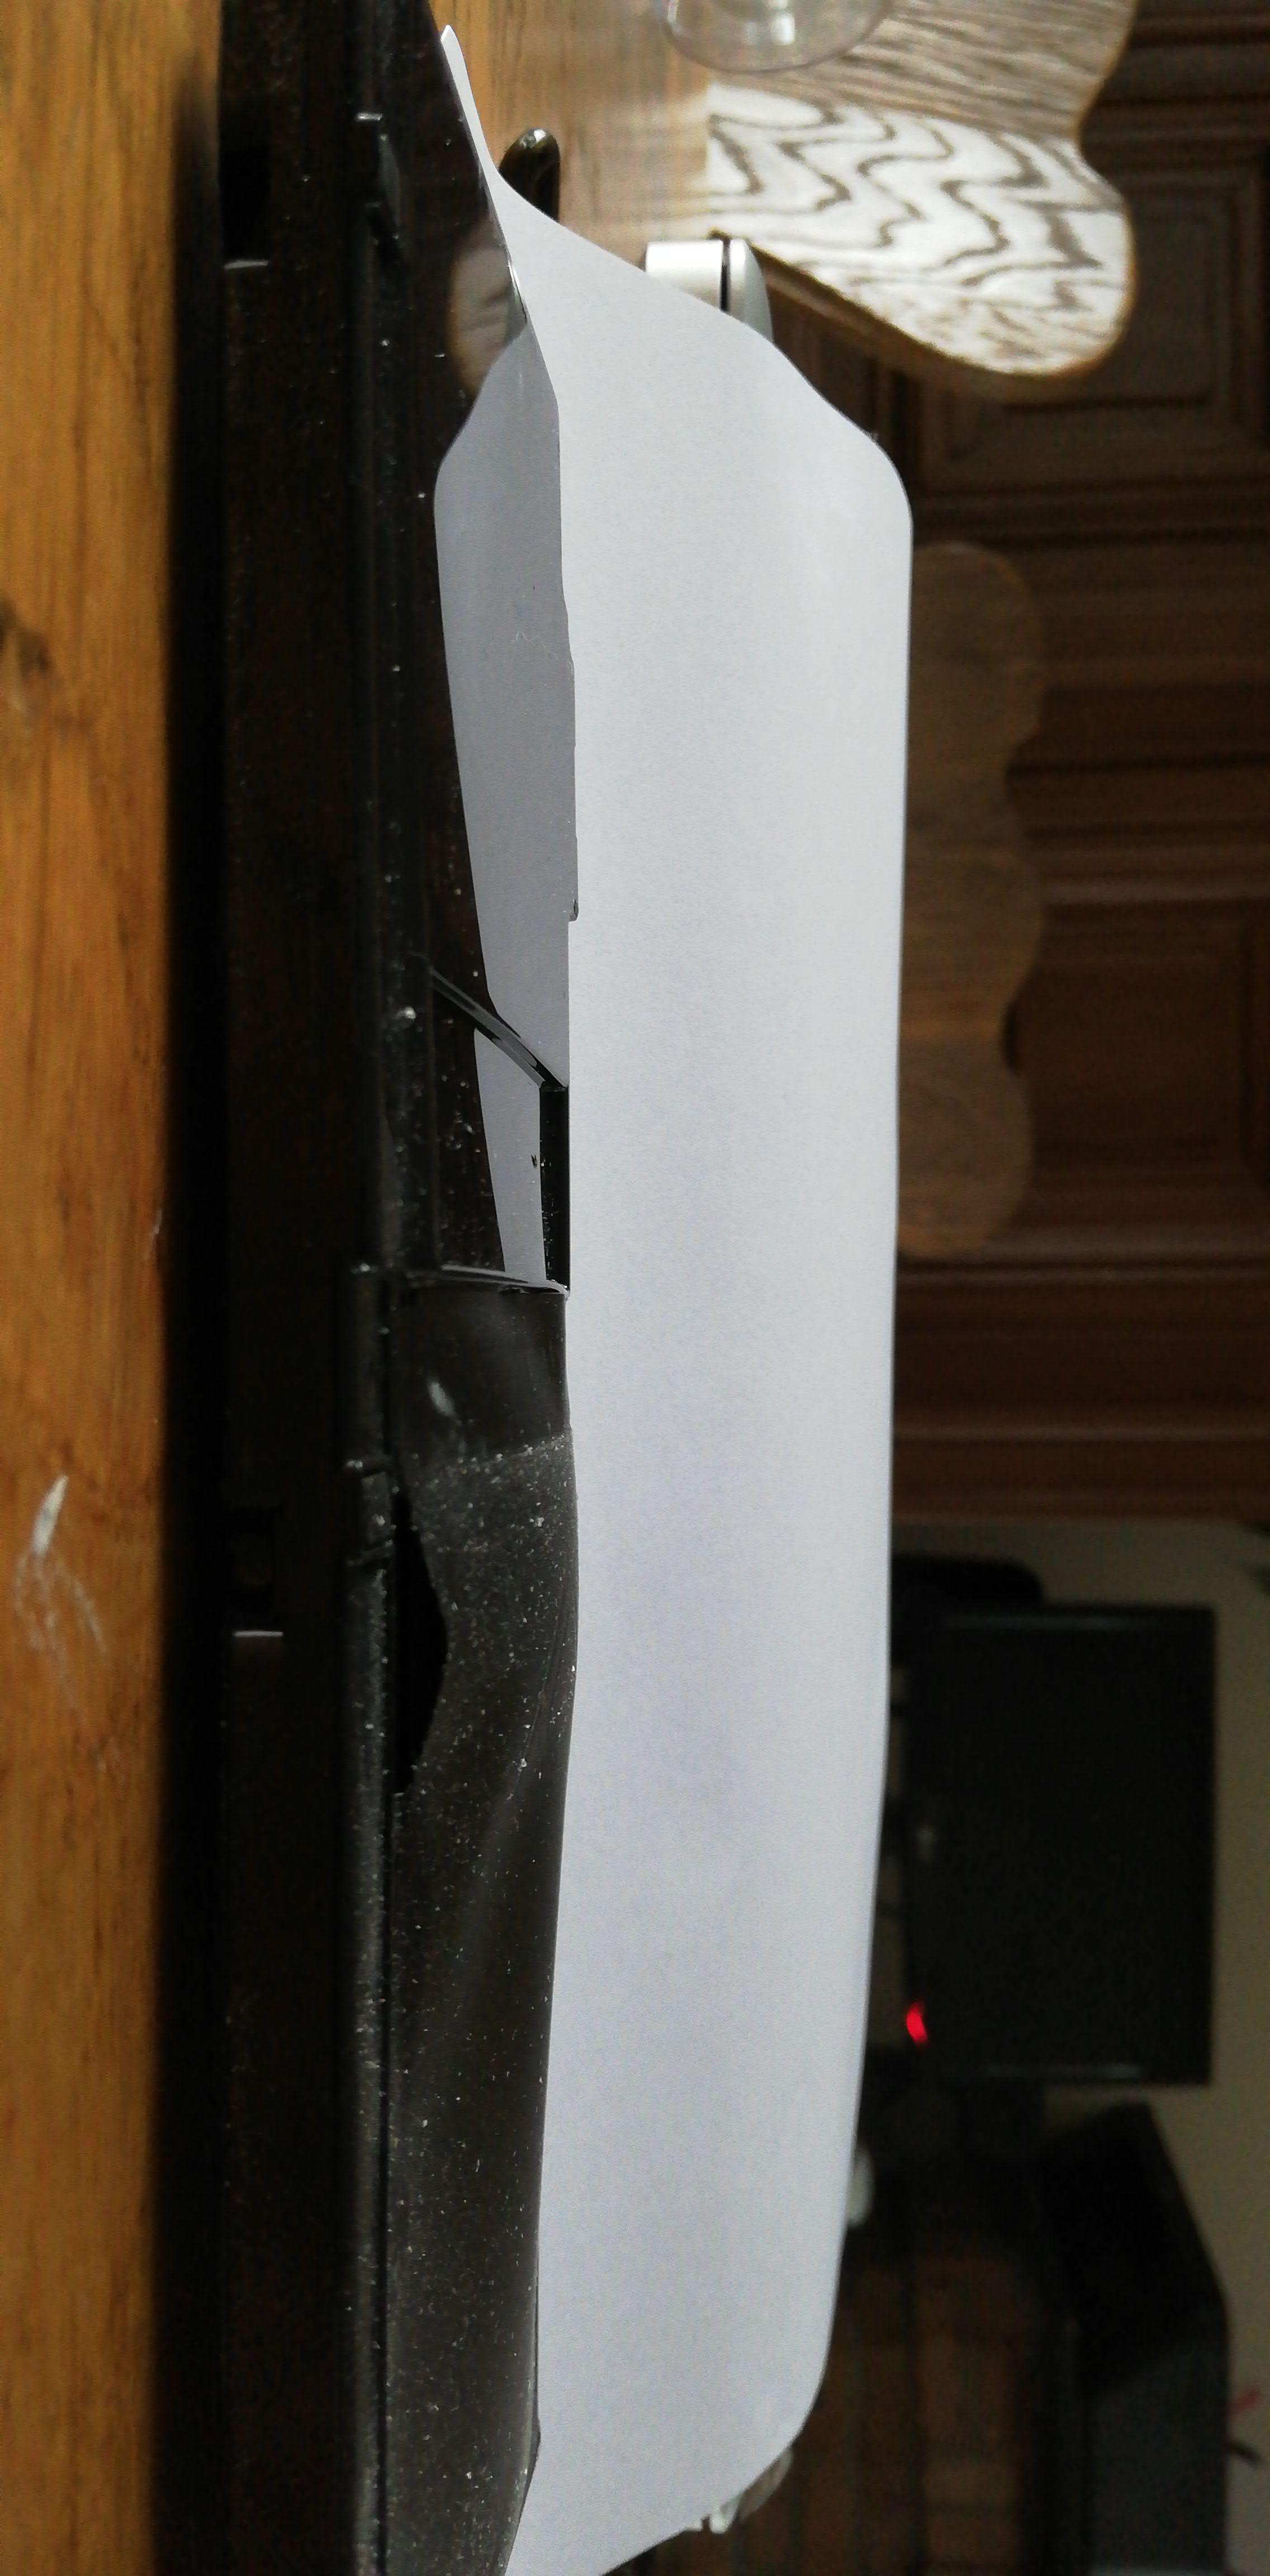 Batterij macbook opgeblazen